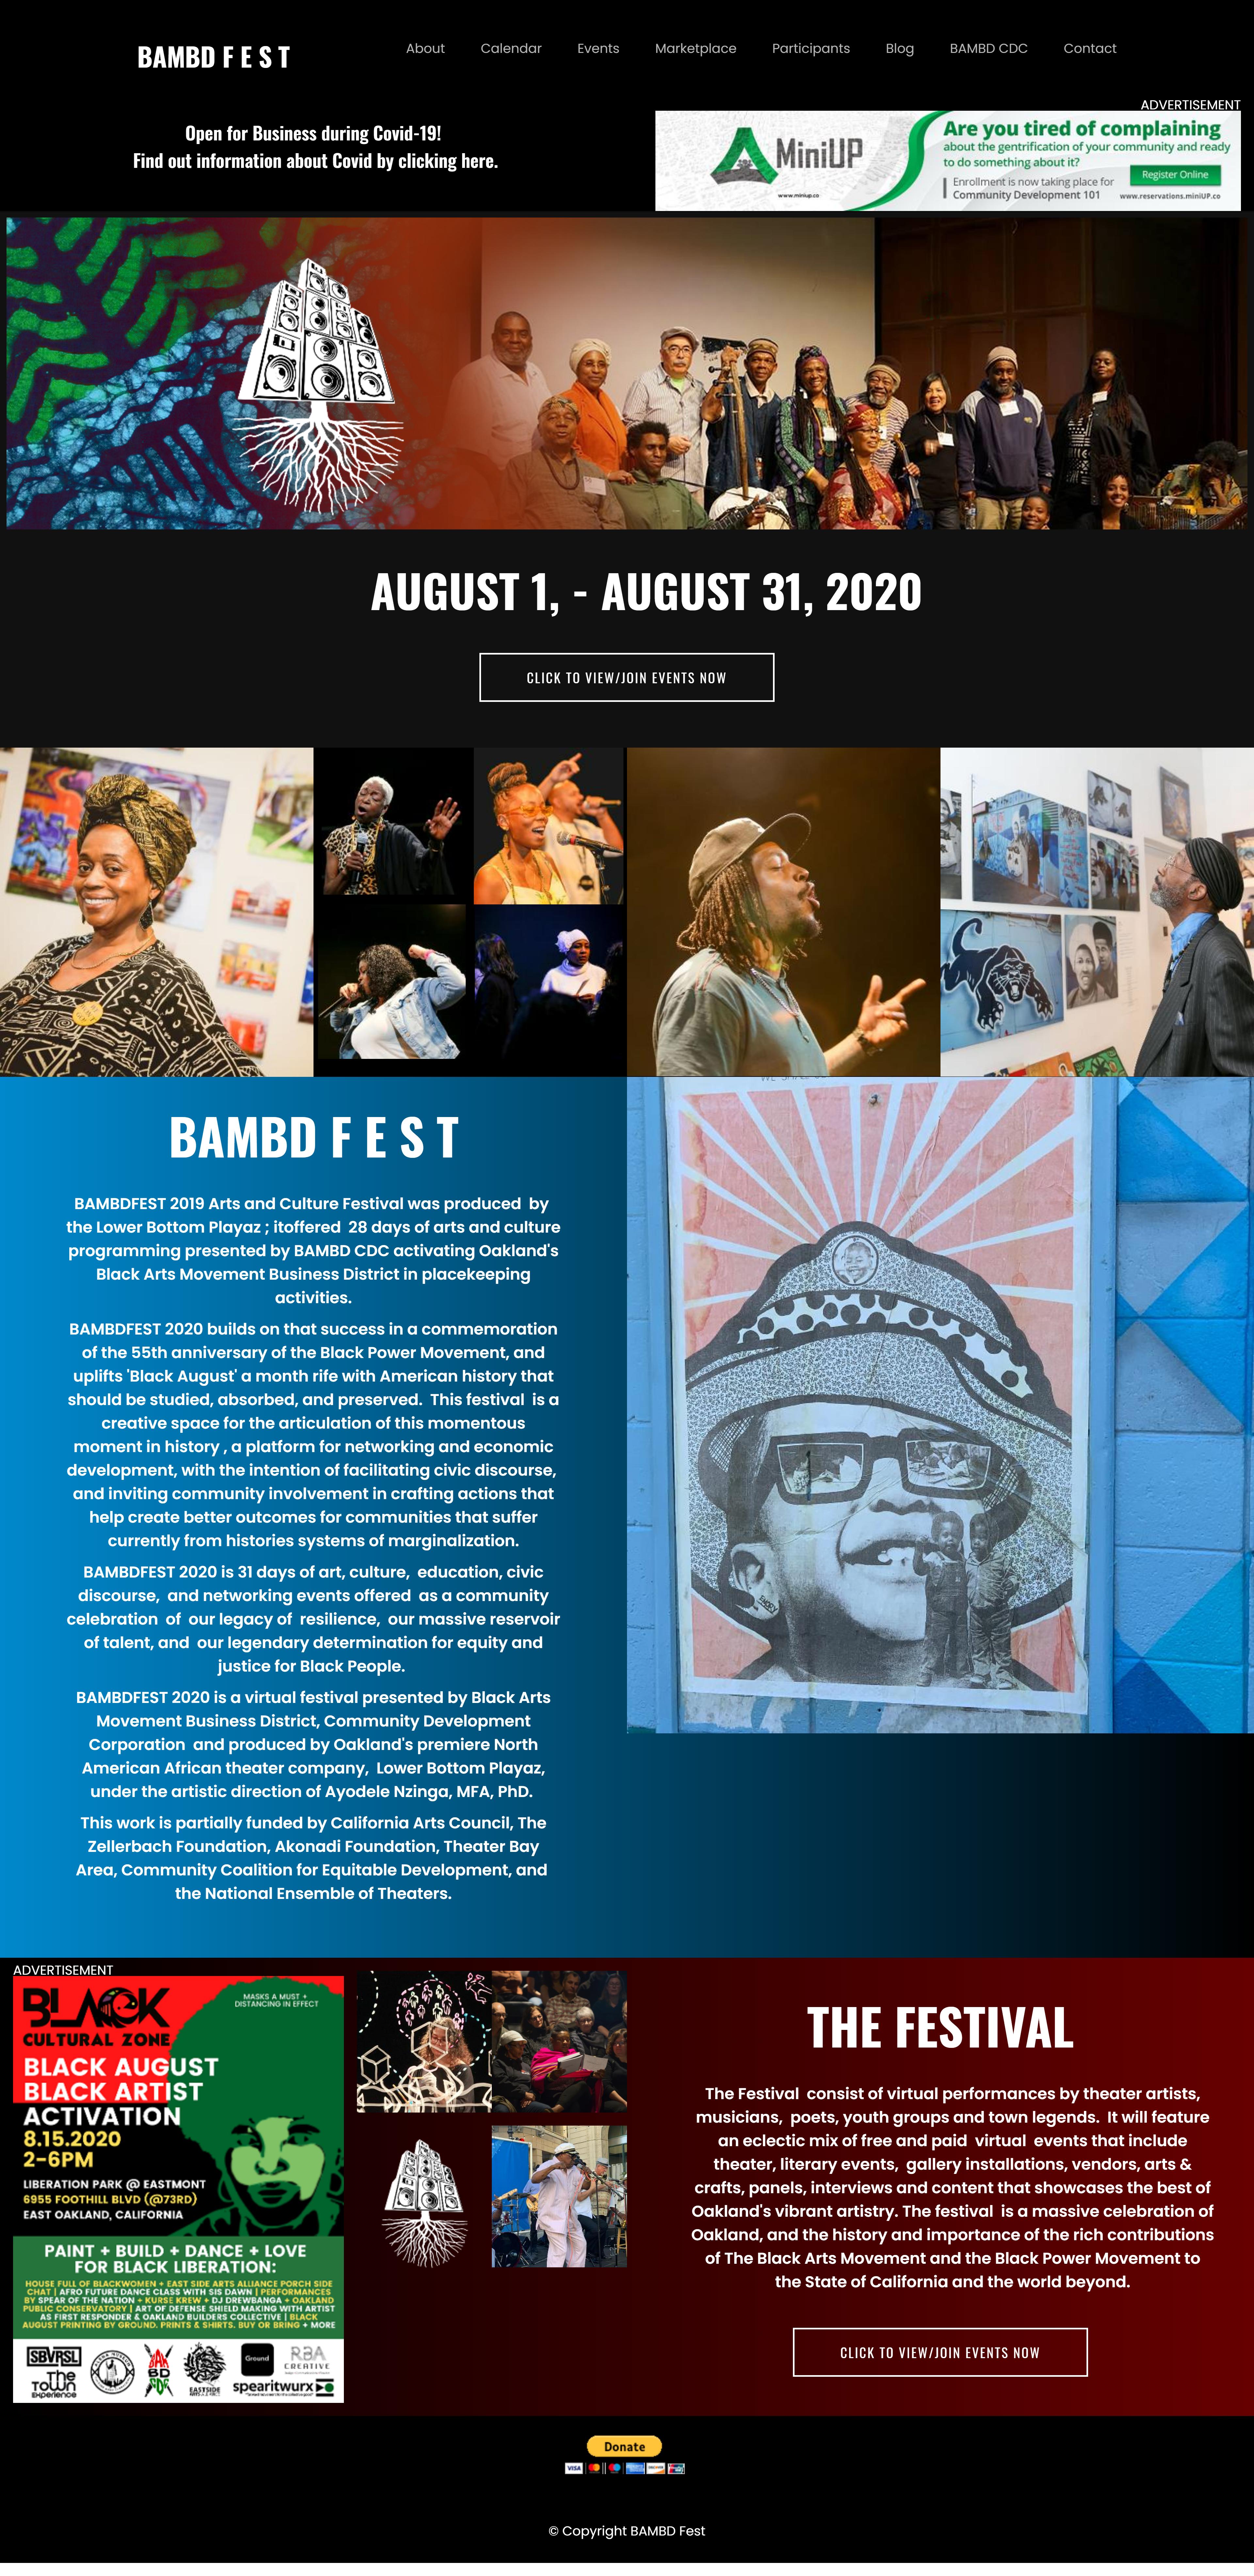 bambdfest.com